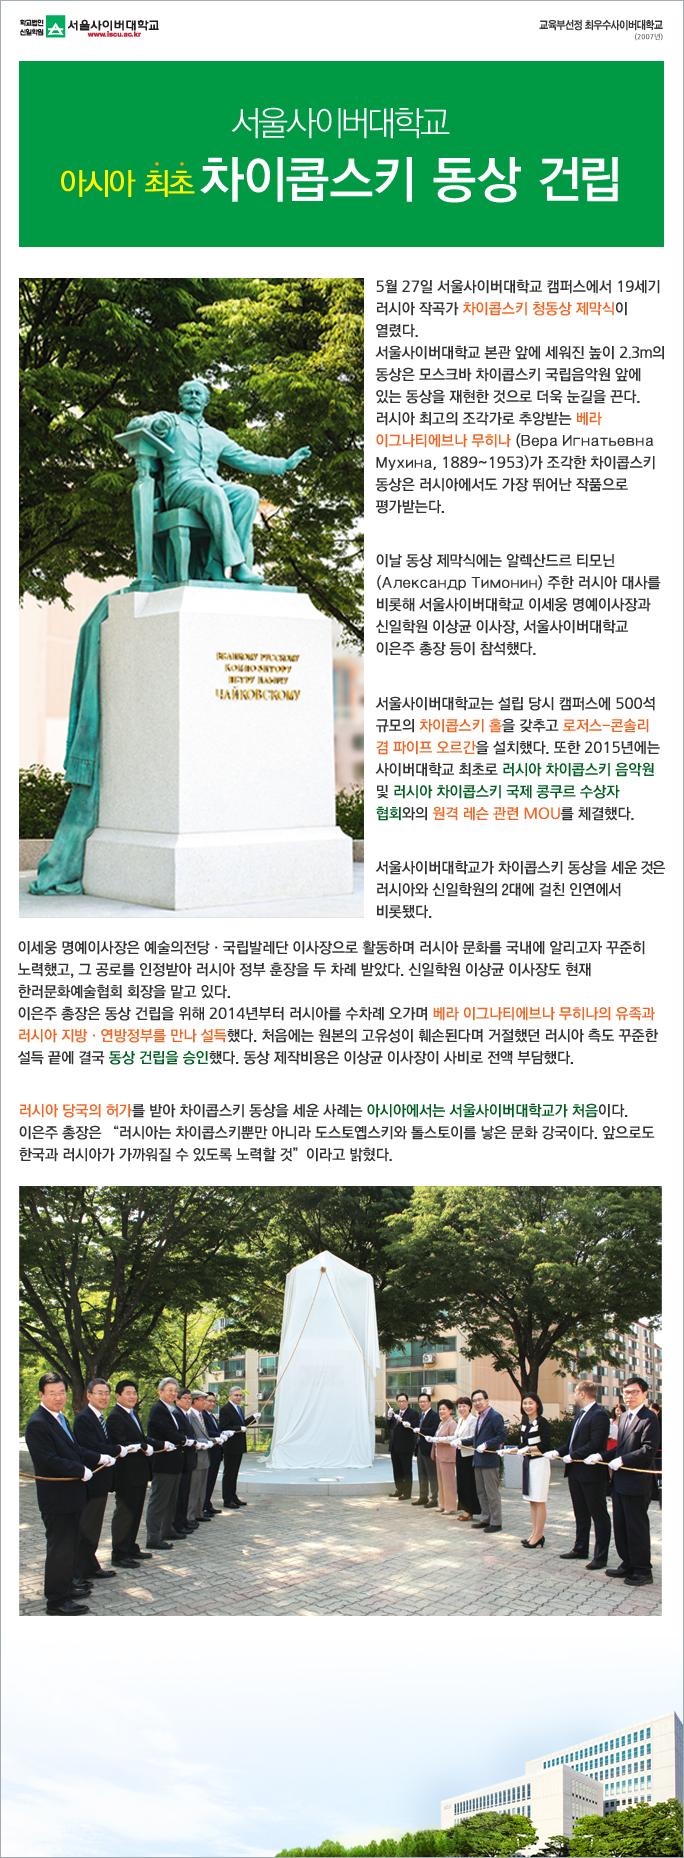 서울사이버대, 아시아 최초 차이콥스키 동상 건립 아래내용참조